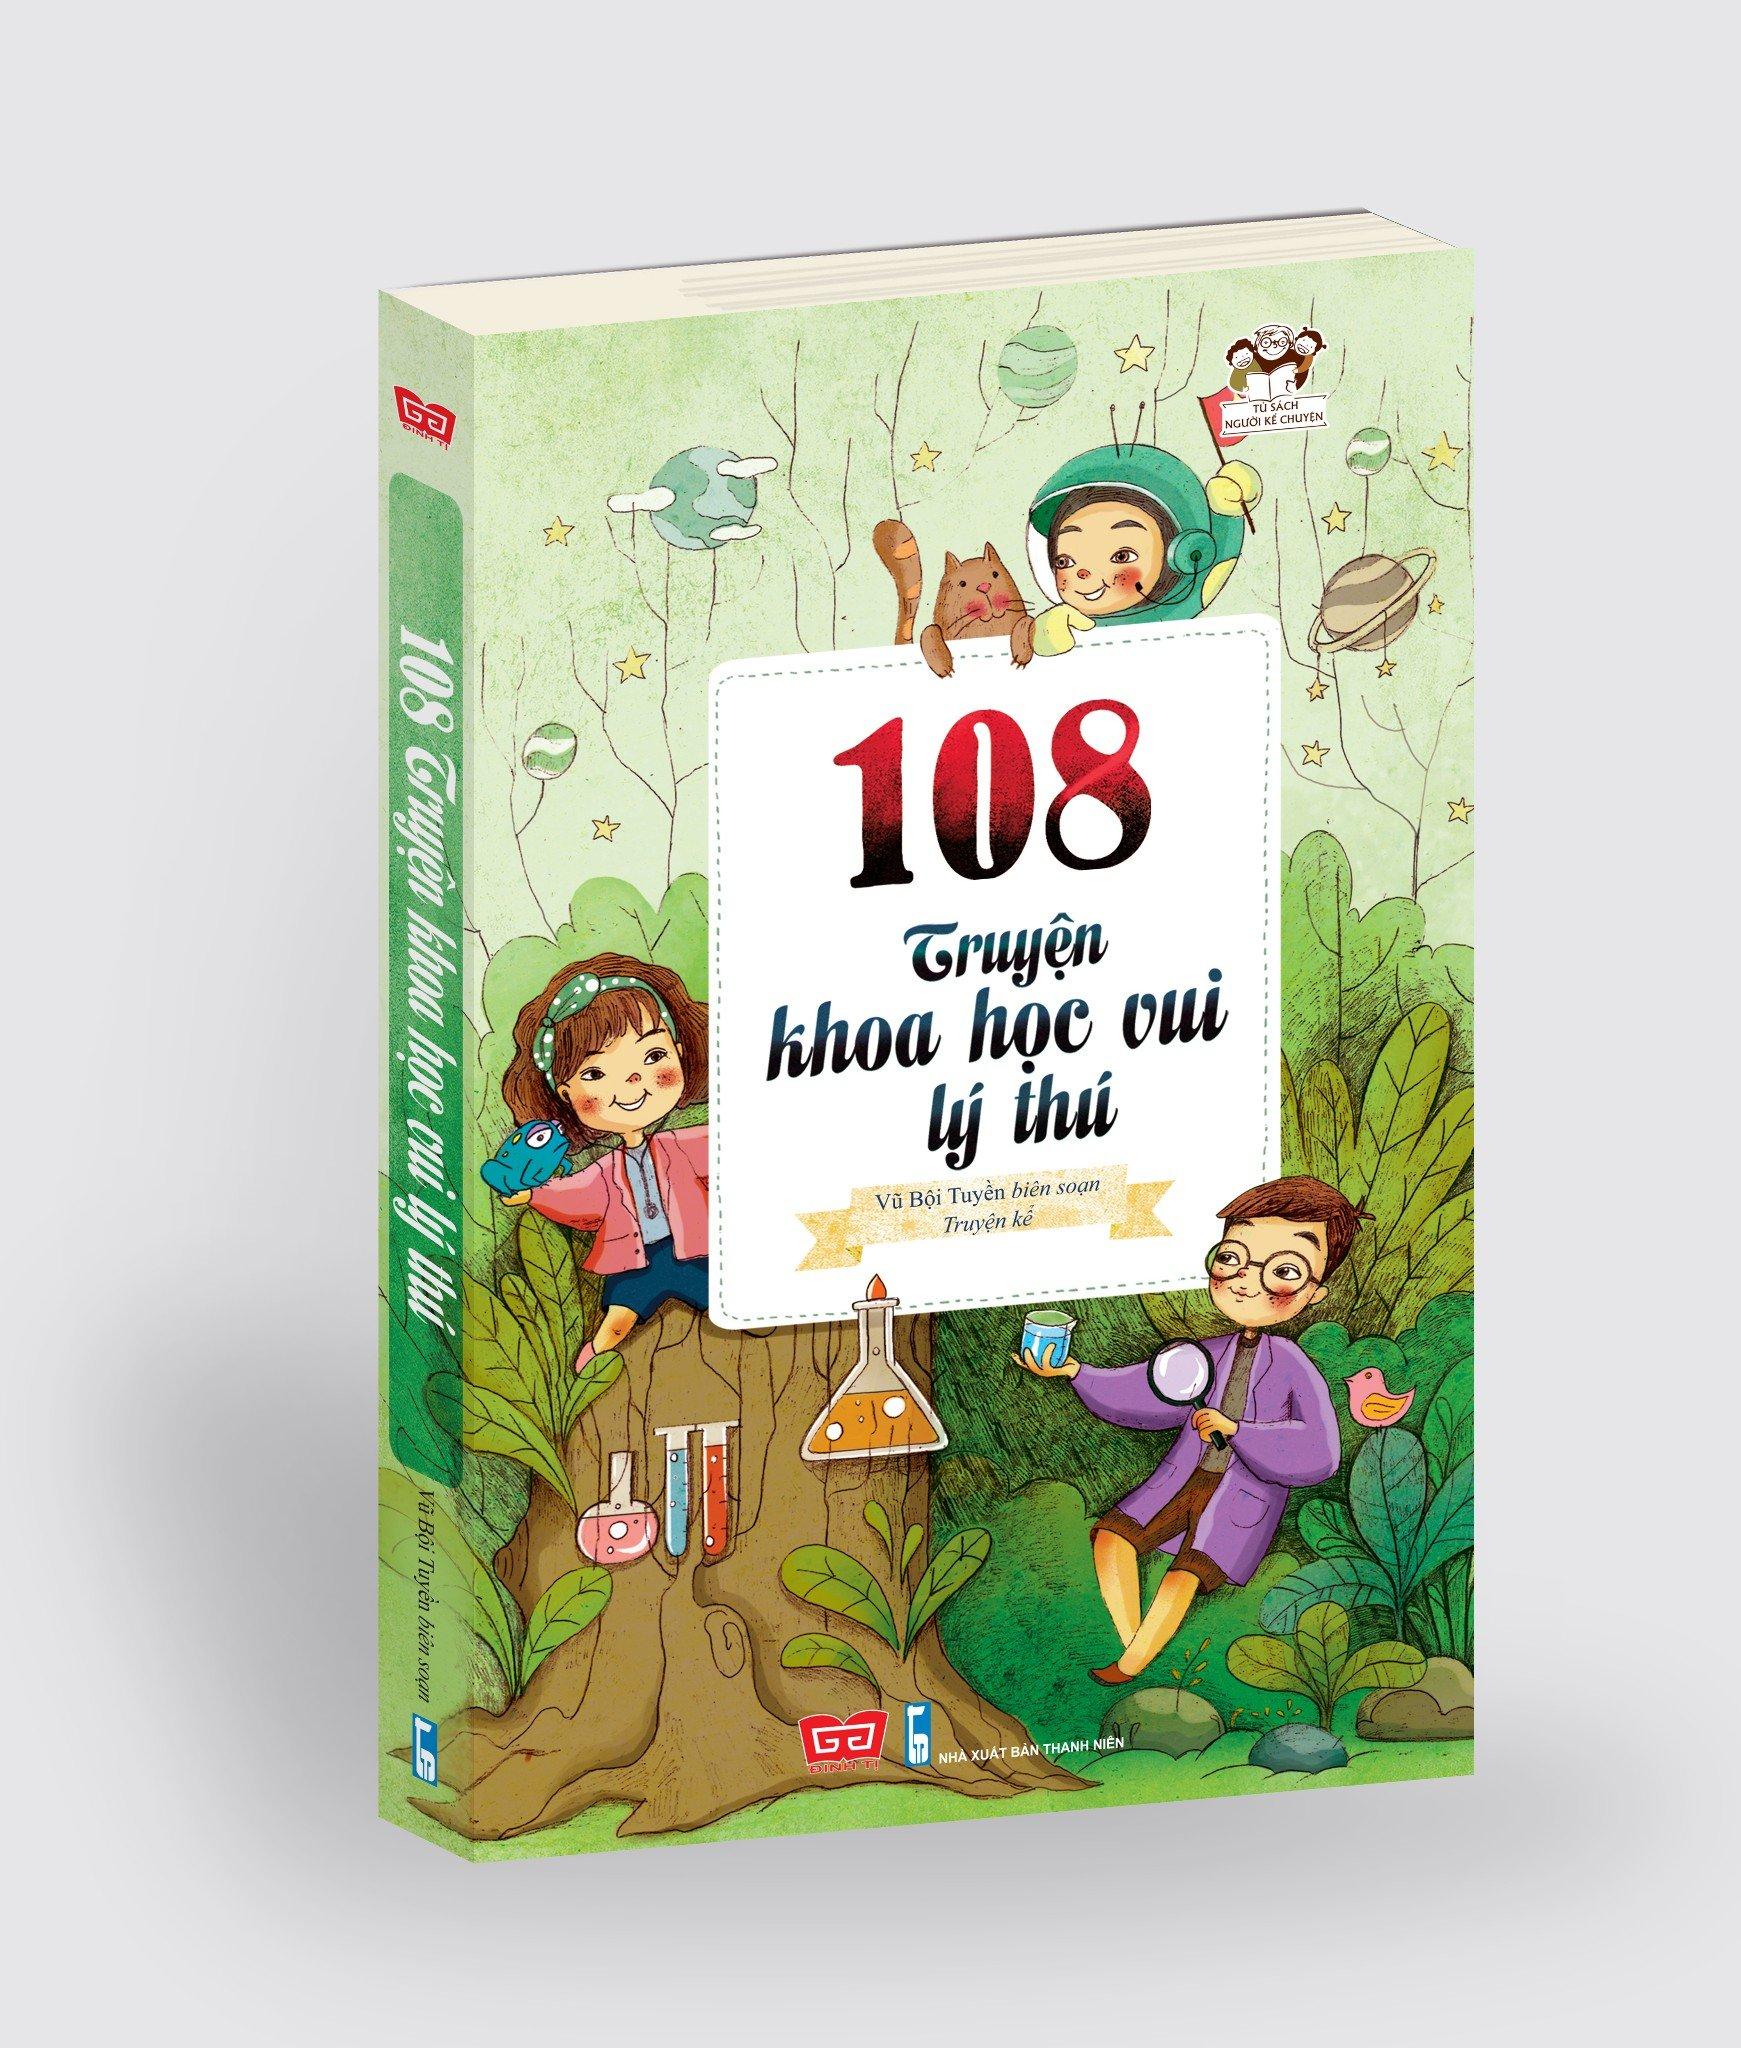 108 truyện khoa học vui lý thú (TB 2018)